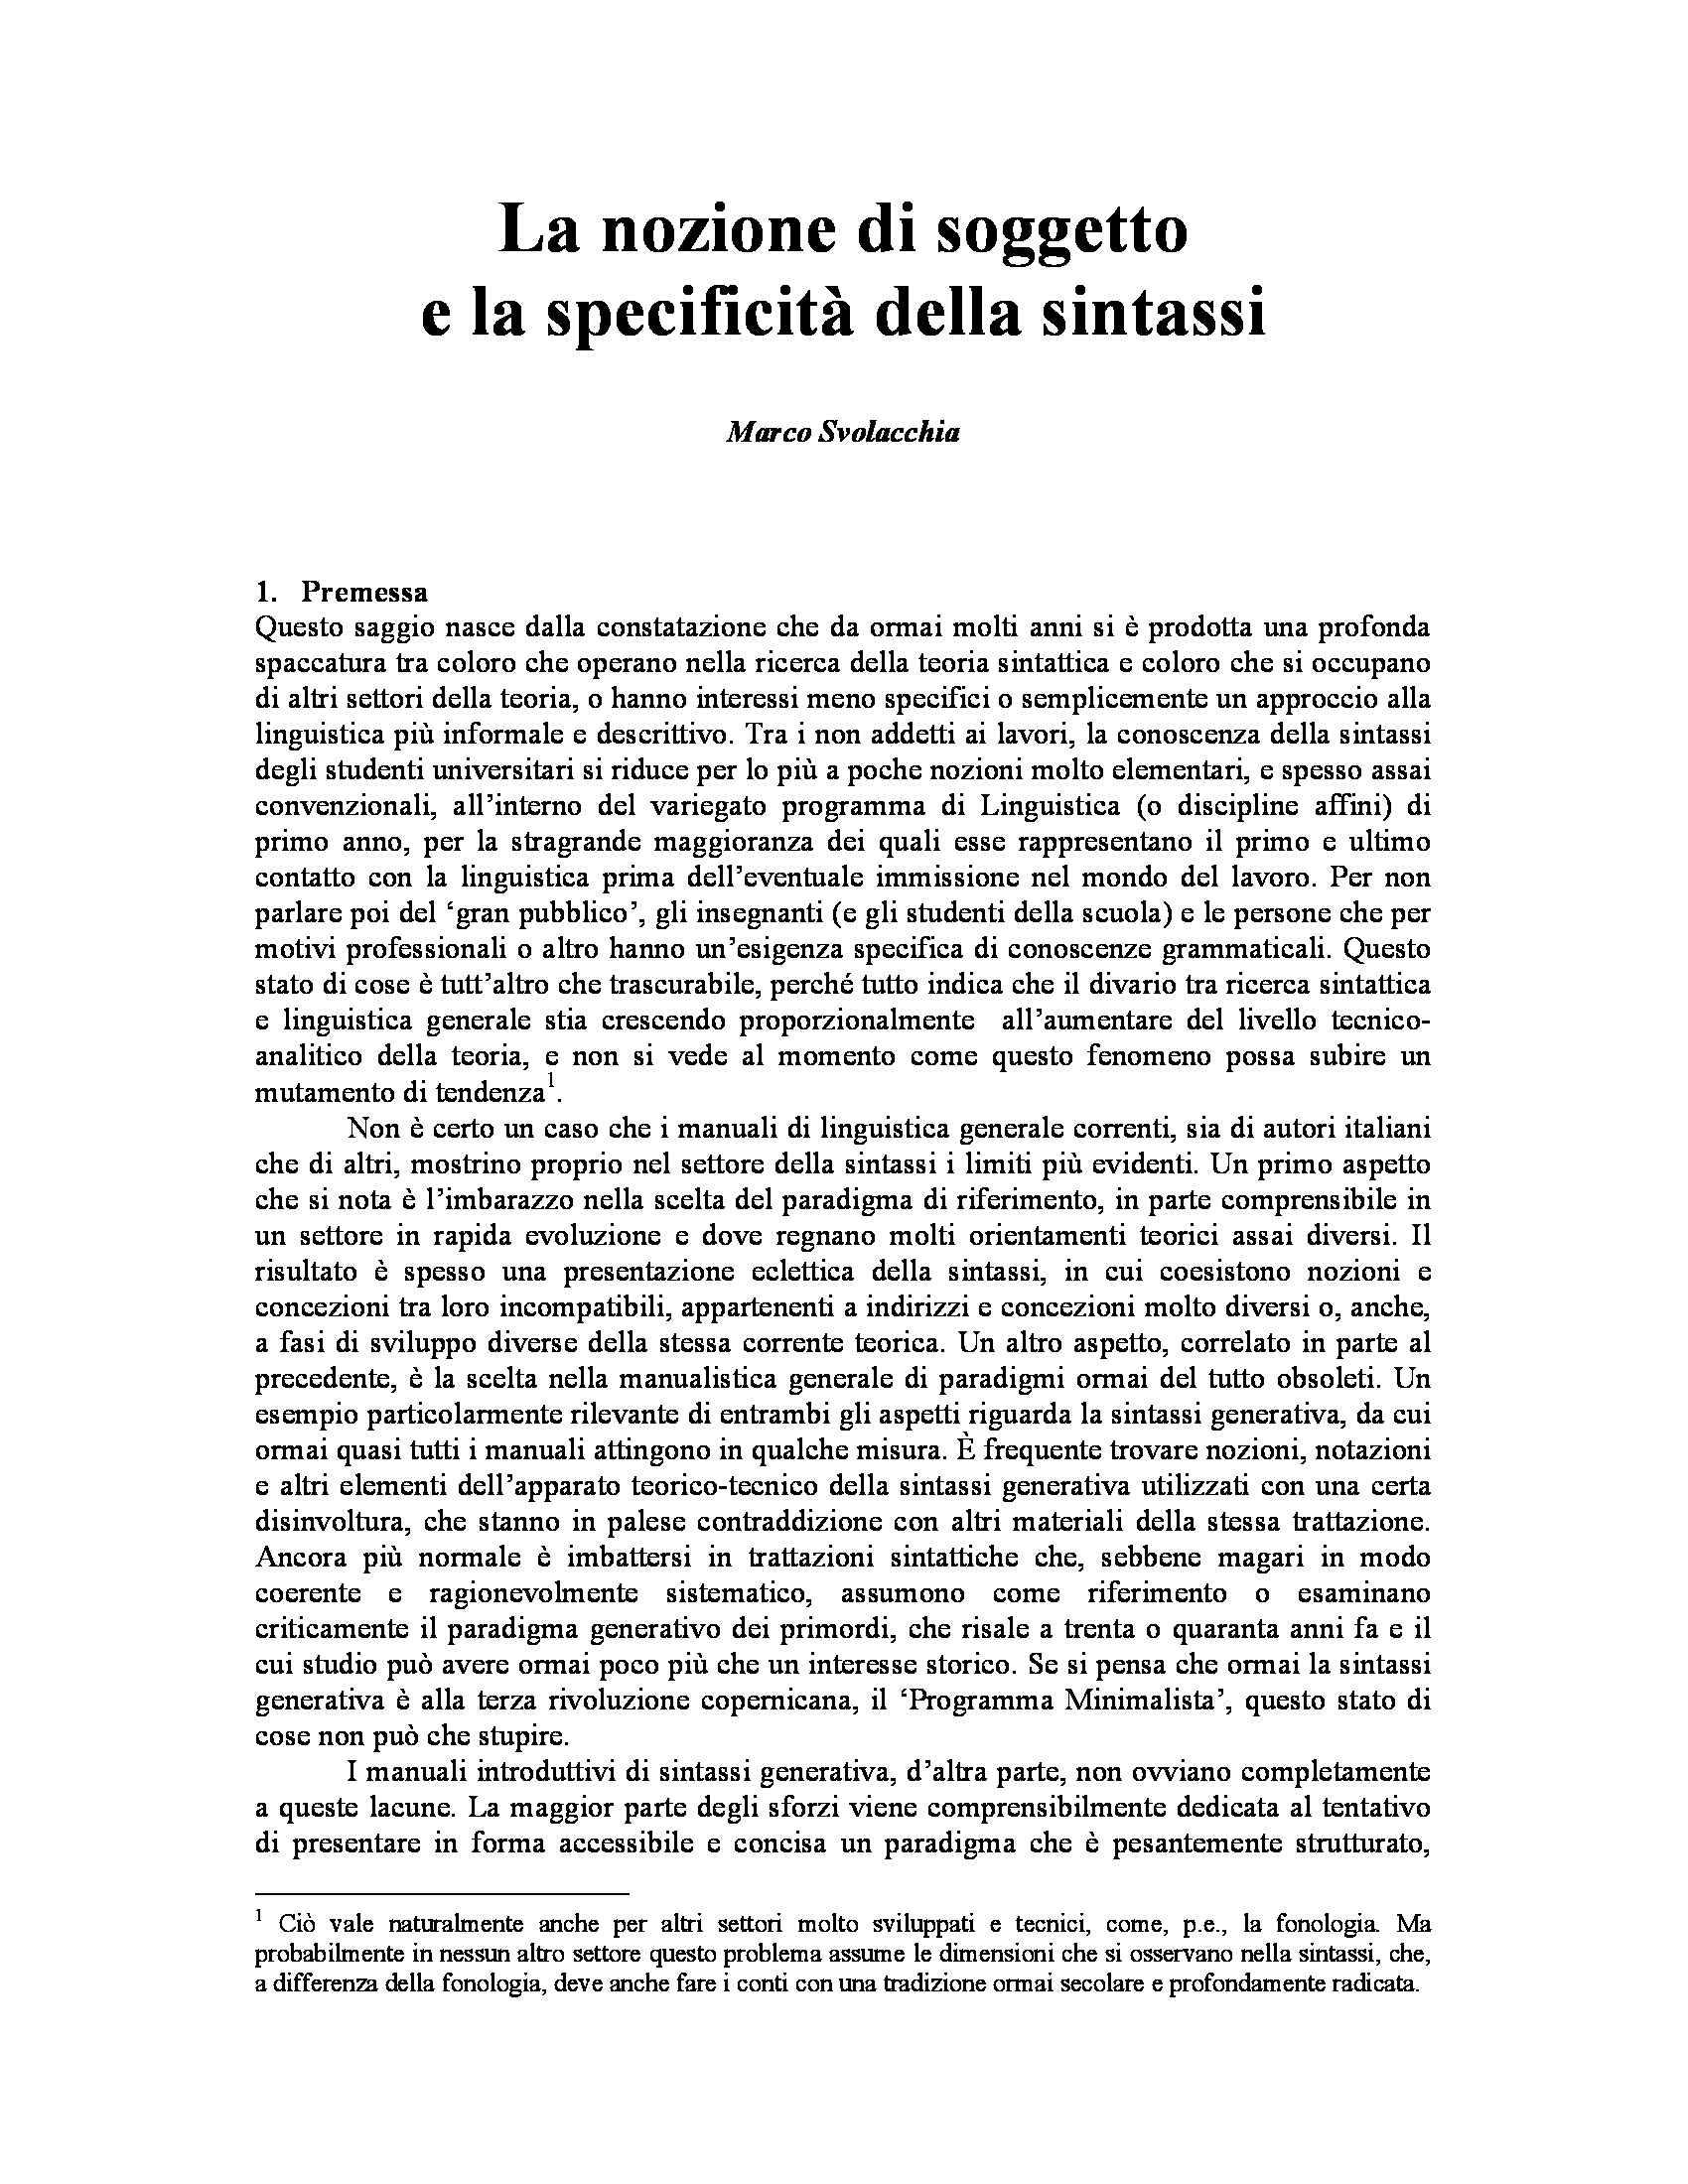 Dispensa di Linguistica - La nozione di soggetto